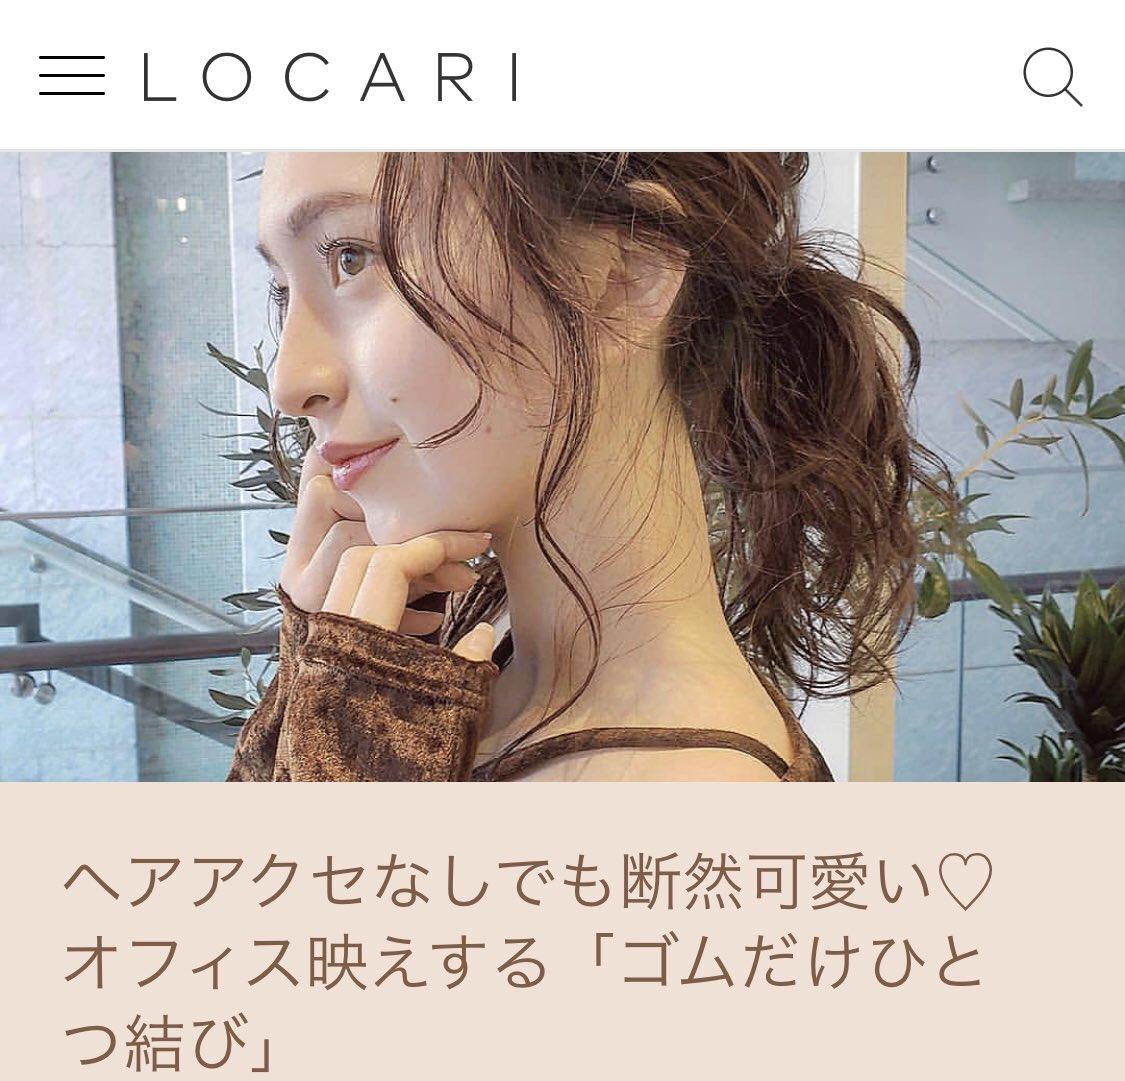 もうすぐ新年度です☆オフィスヘアの定番ひとつ結びをアップデートしてみませんか。簡単にできる「ゴムだけひとつ結び」で好印象をゲットしましょう♡#ロカリ #ピックアップヘアアクセなしでも断然可愛い♡オフィス映えする「ゴムだけひとつ結び」  @locari_jp